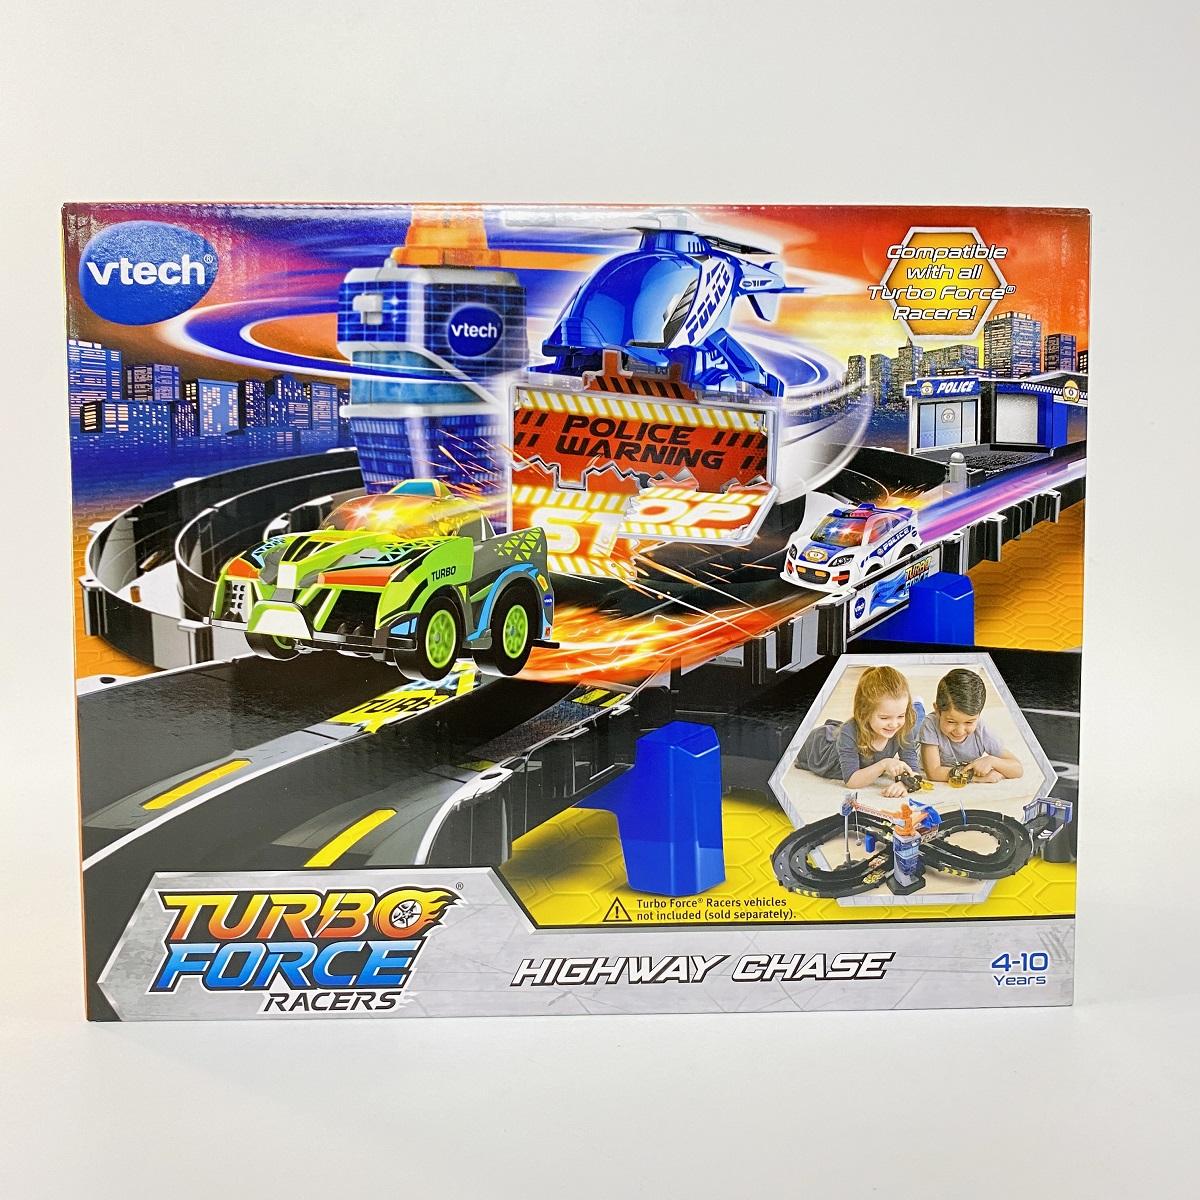 80-517903 Highway Chase - Đường đua Turbo